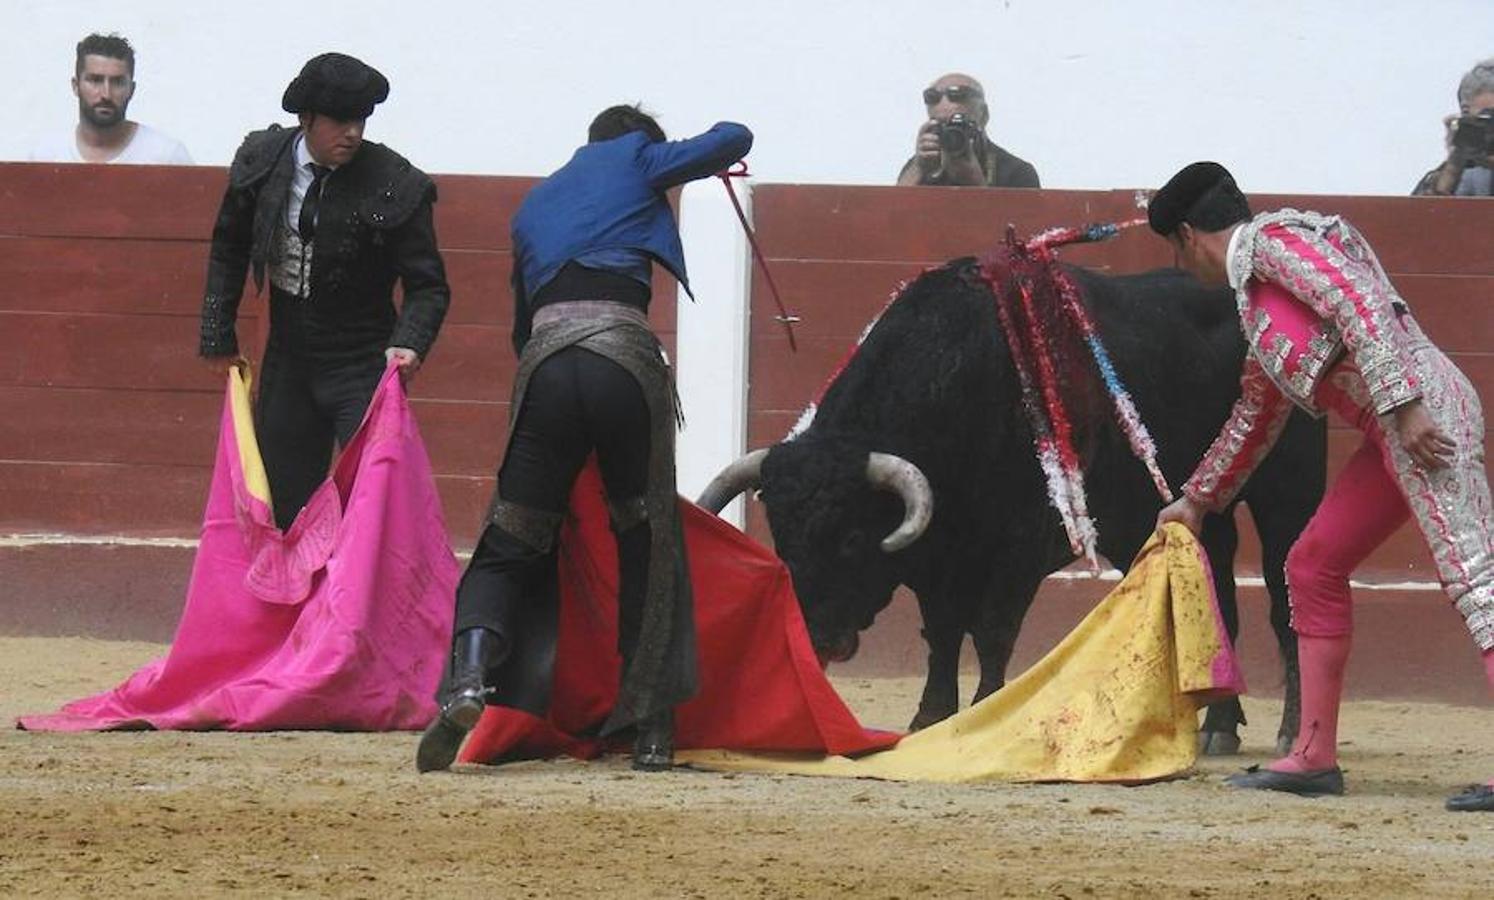 Las mejores imágenes de la corrida de rejones